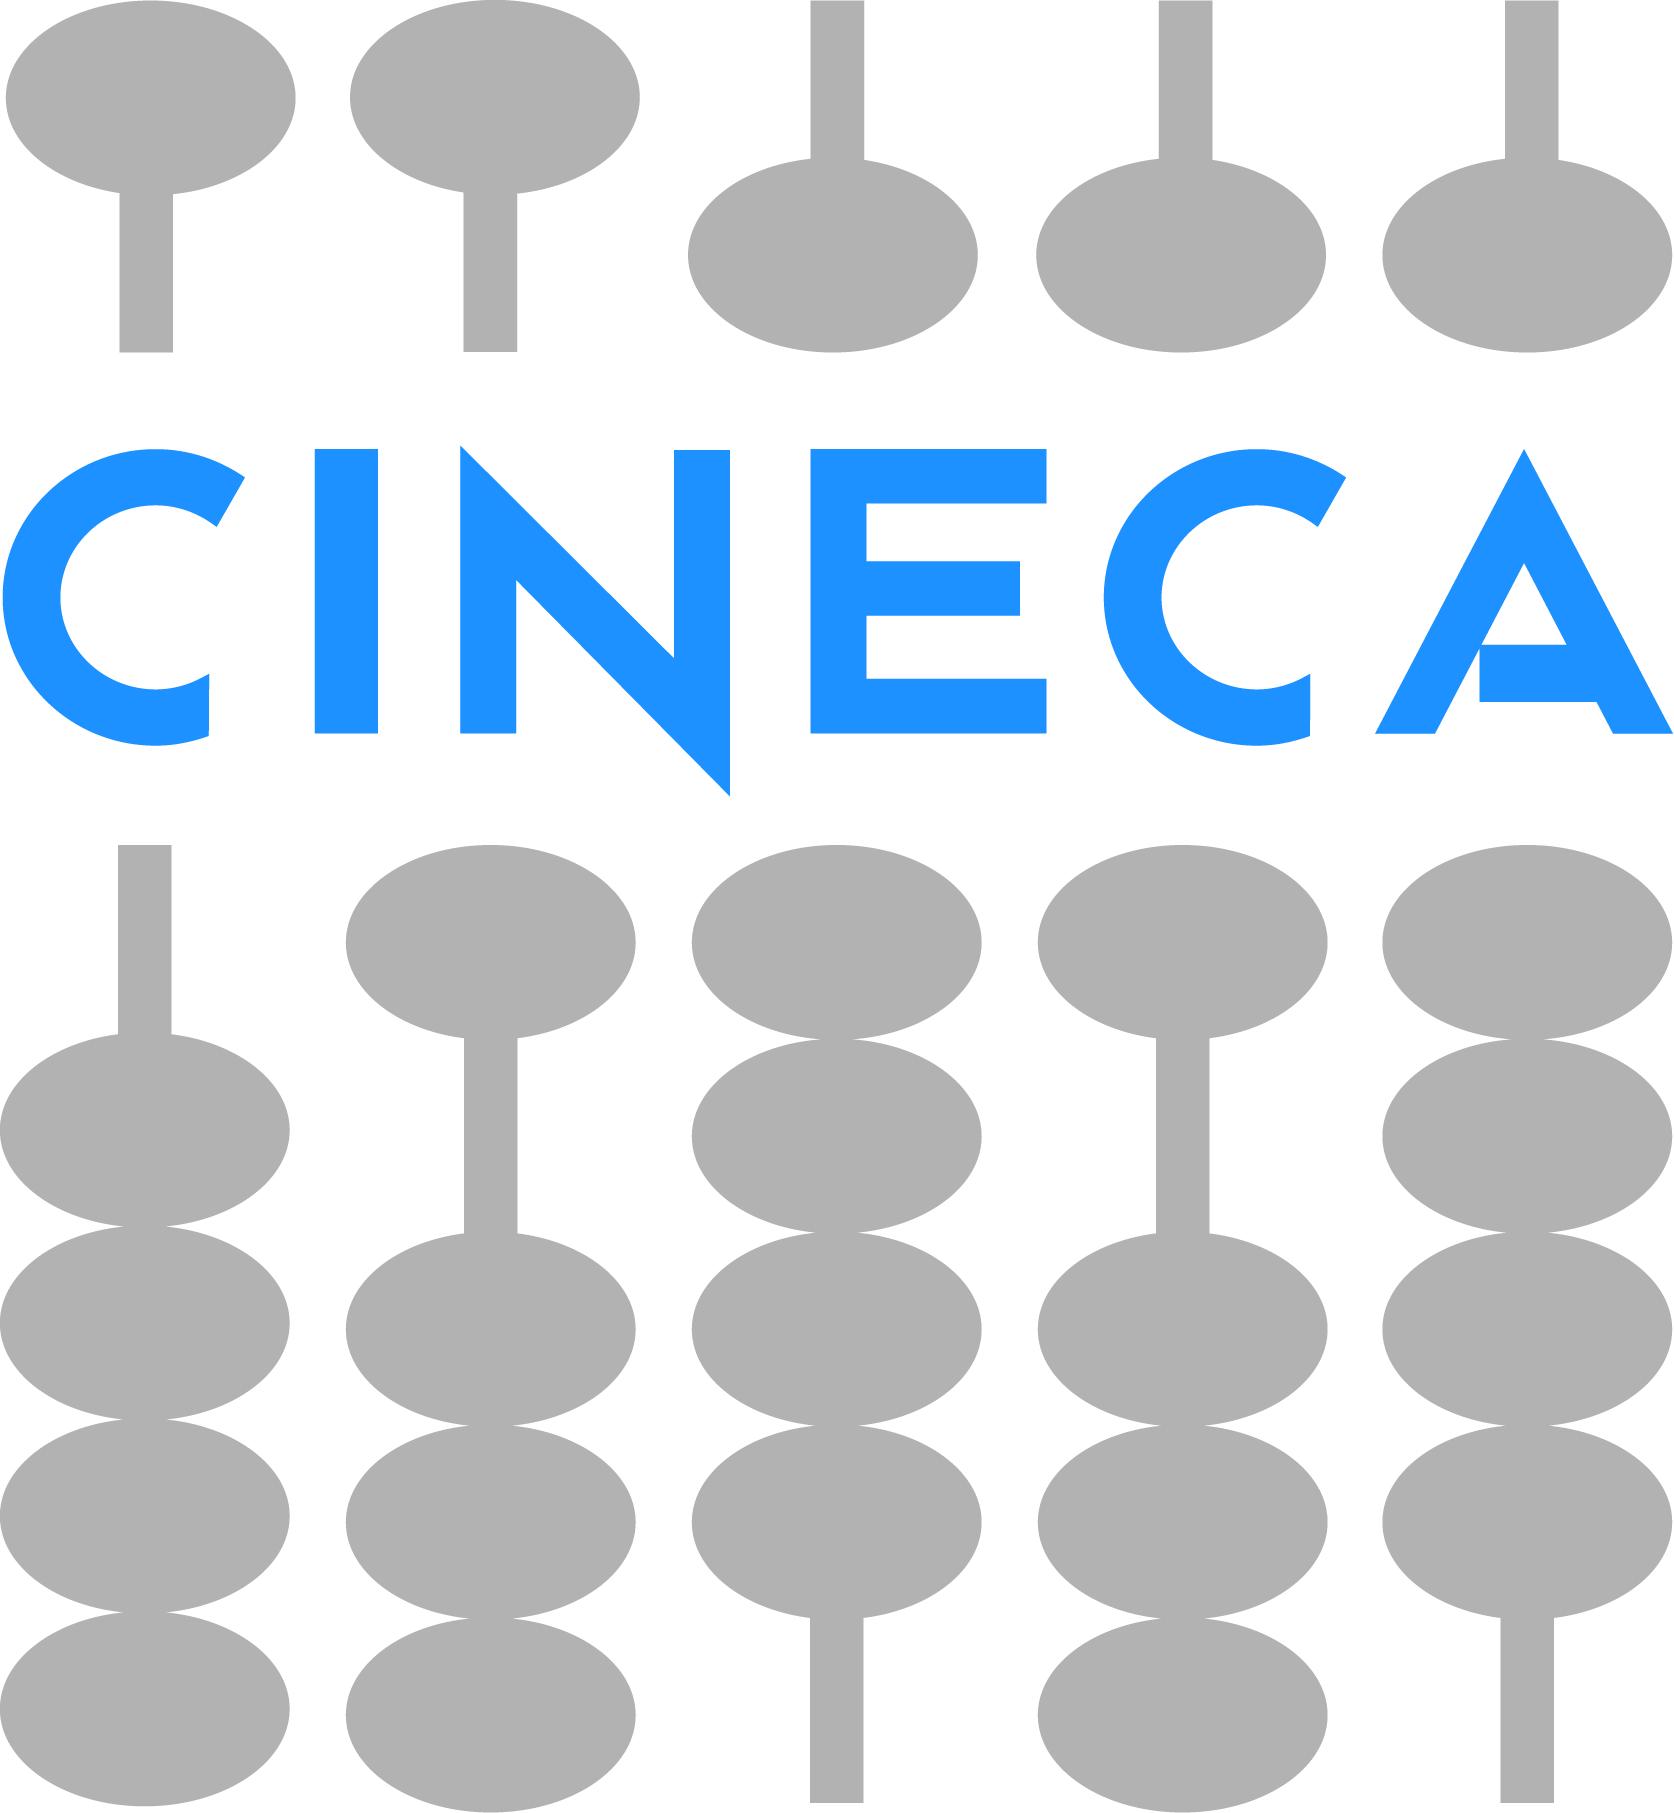 CINECA